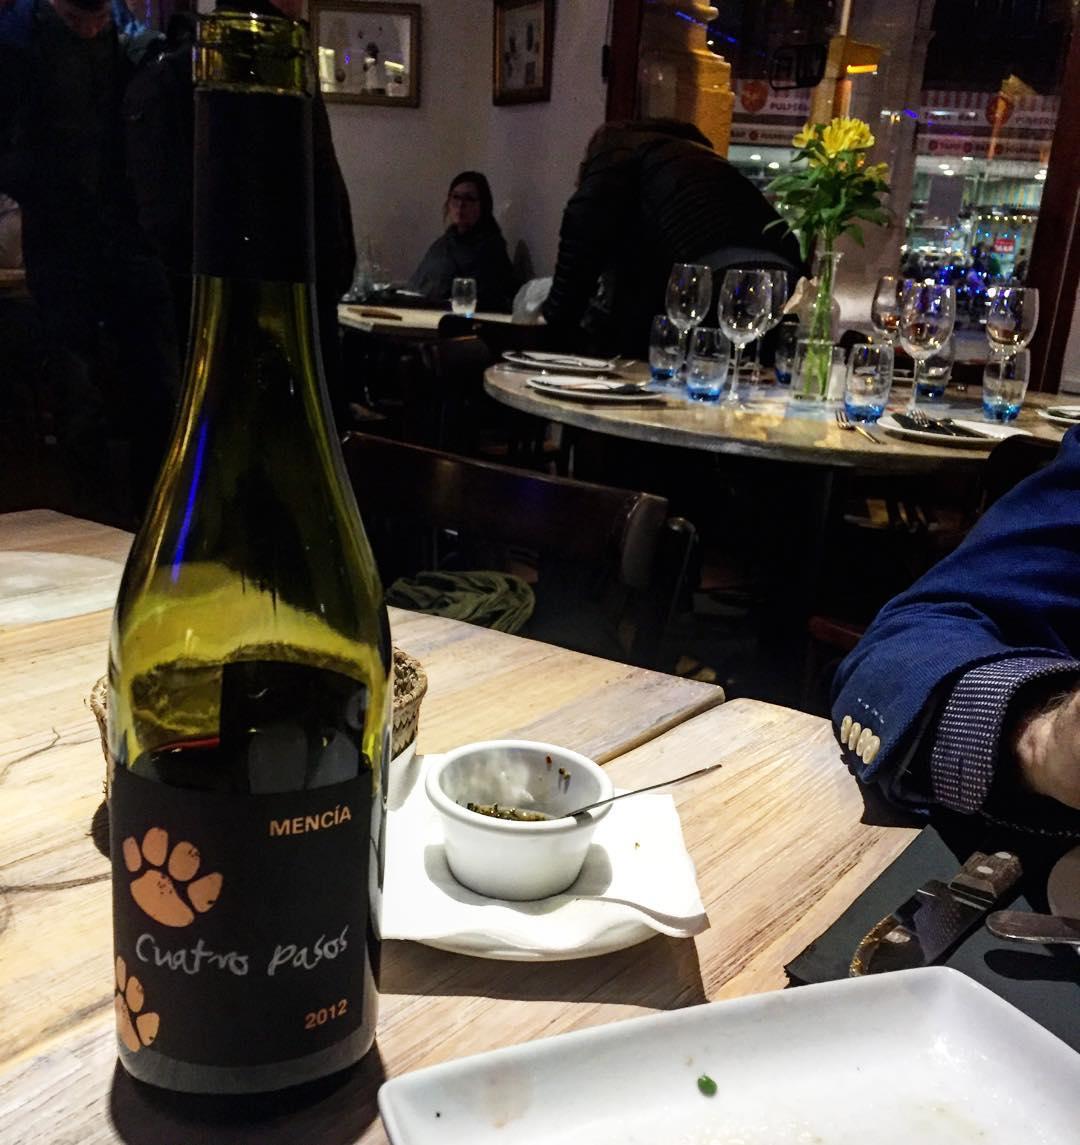 Cuatro pasos #vino #mencia #bierzo #sinfiltros #holabarcelona